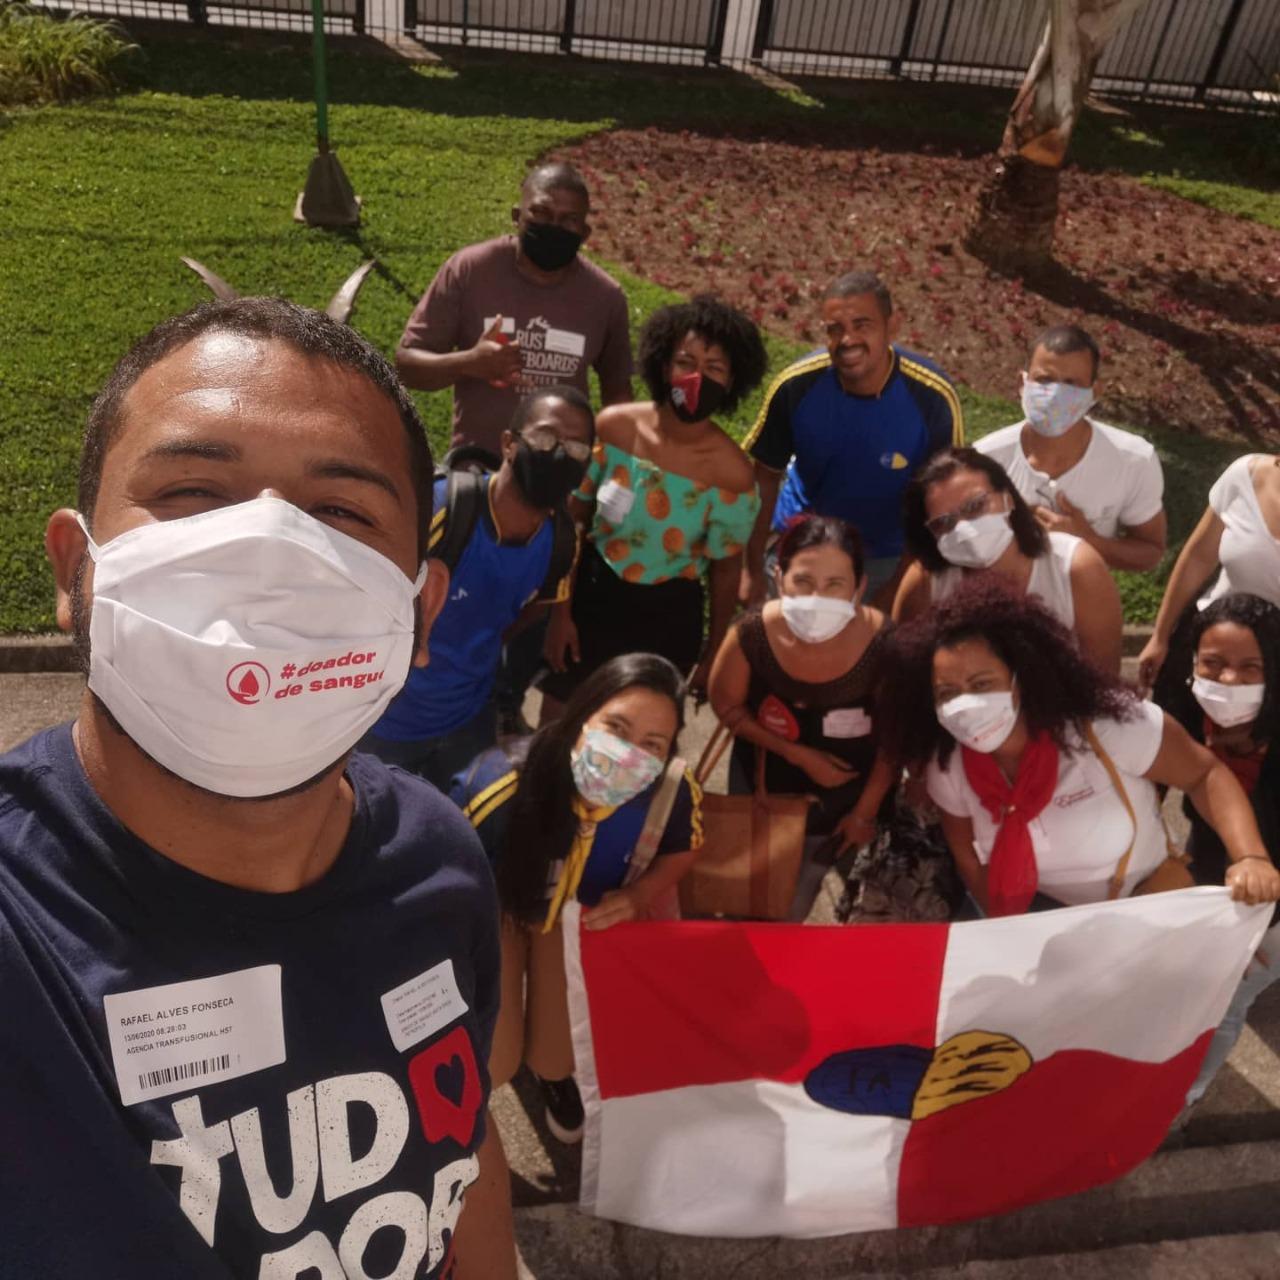 Grupo de jovens com máscaras posam para foto no dia da doação de Sangue, em Petrópolis-RJ.